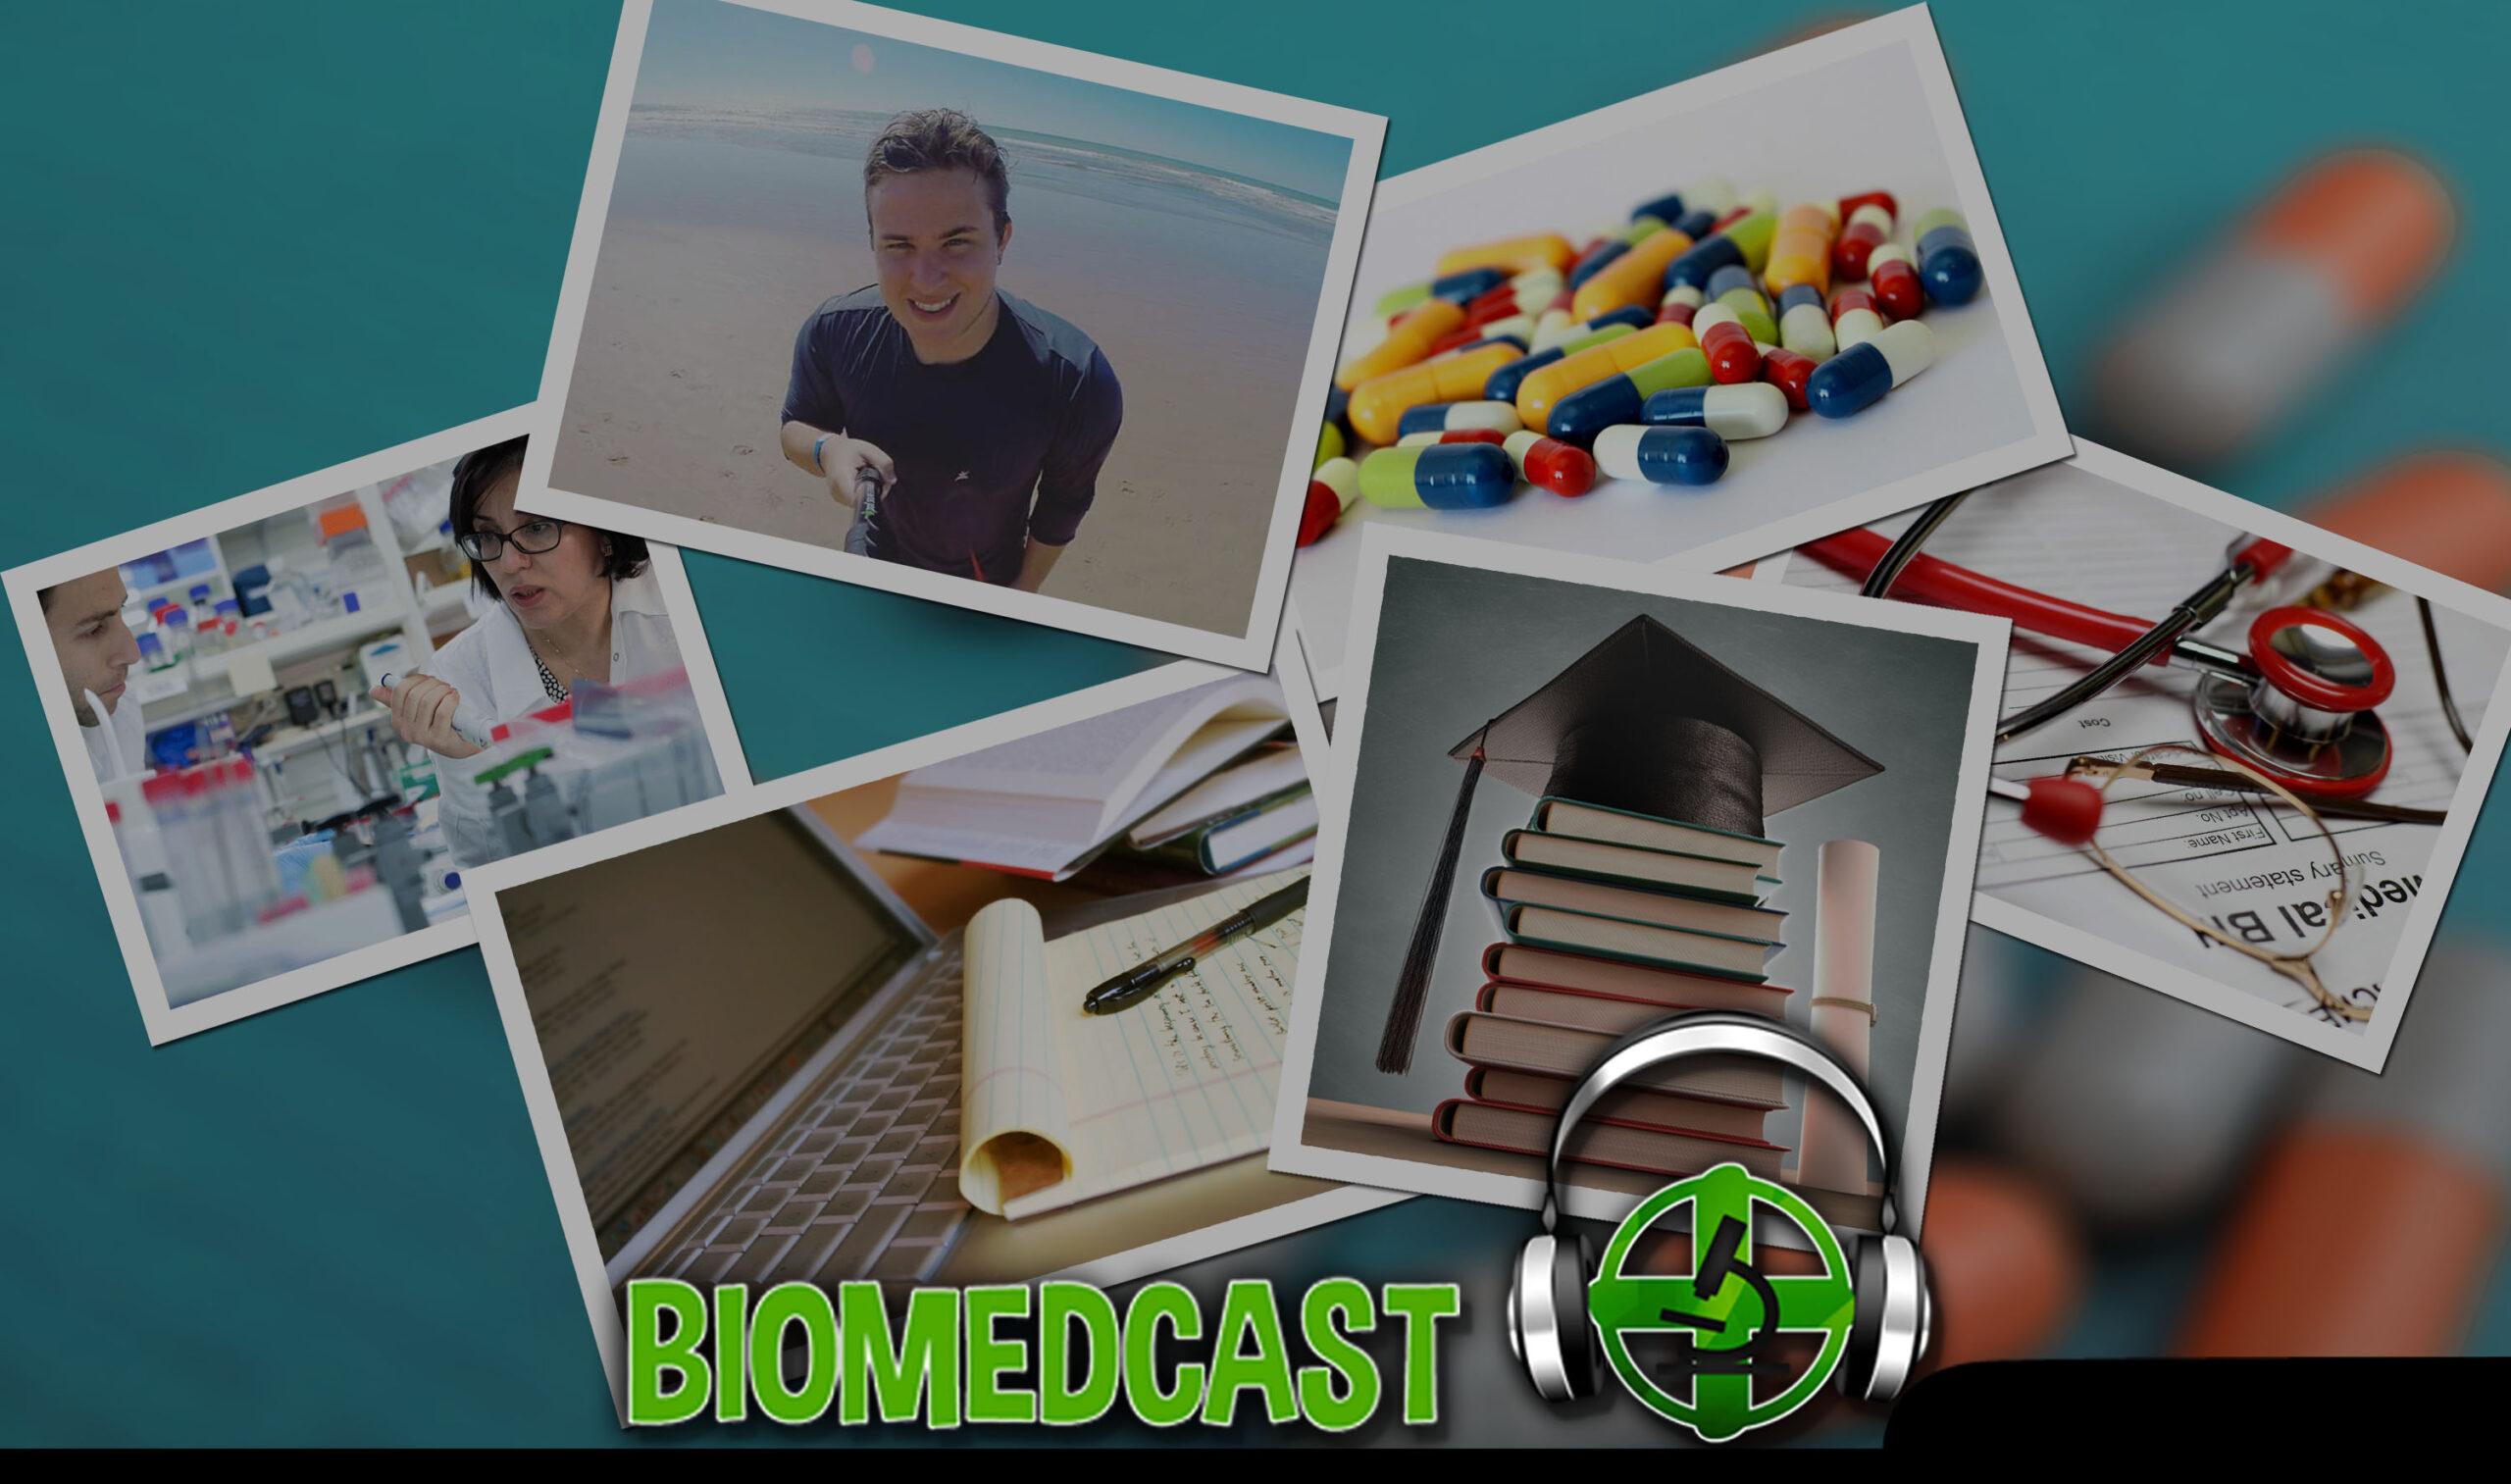 #27 Farmacologia, Mestrado, Medicina e a Melhor Faculdade de Biomedicina